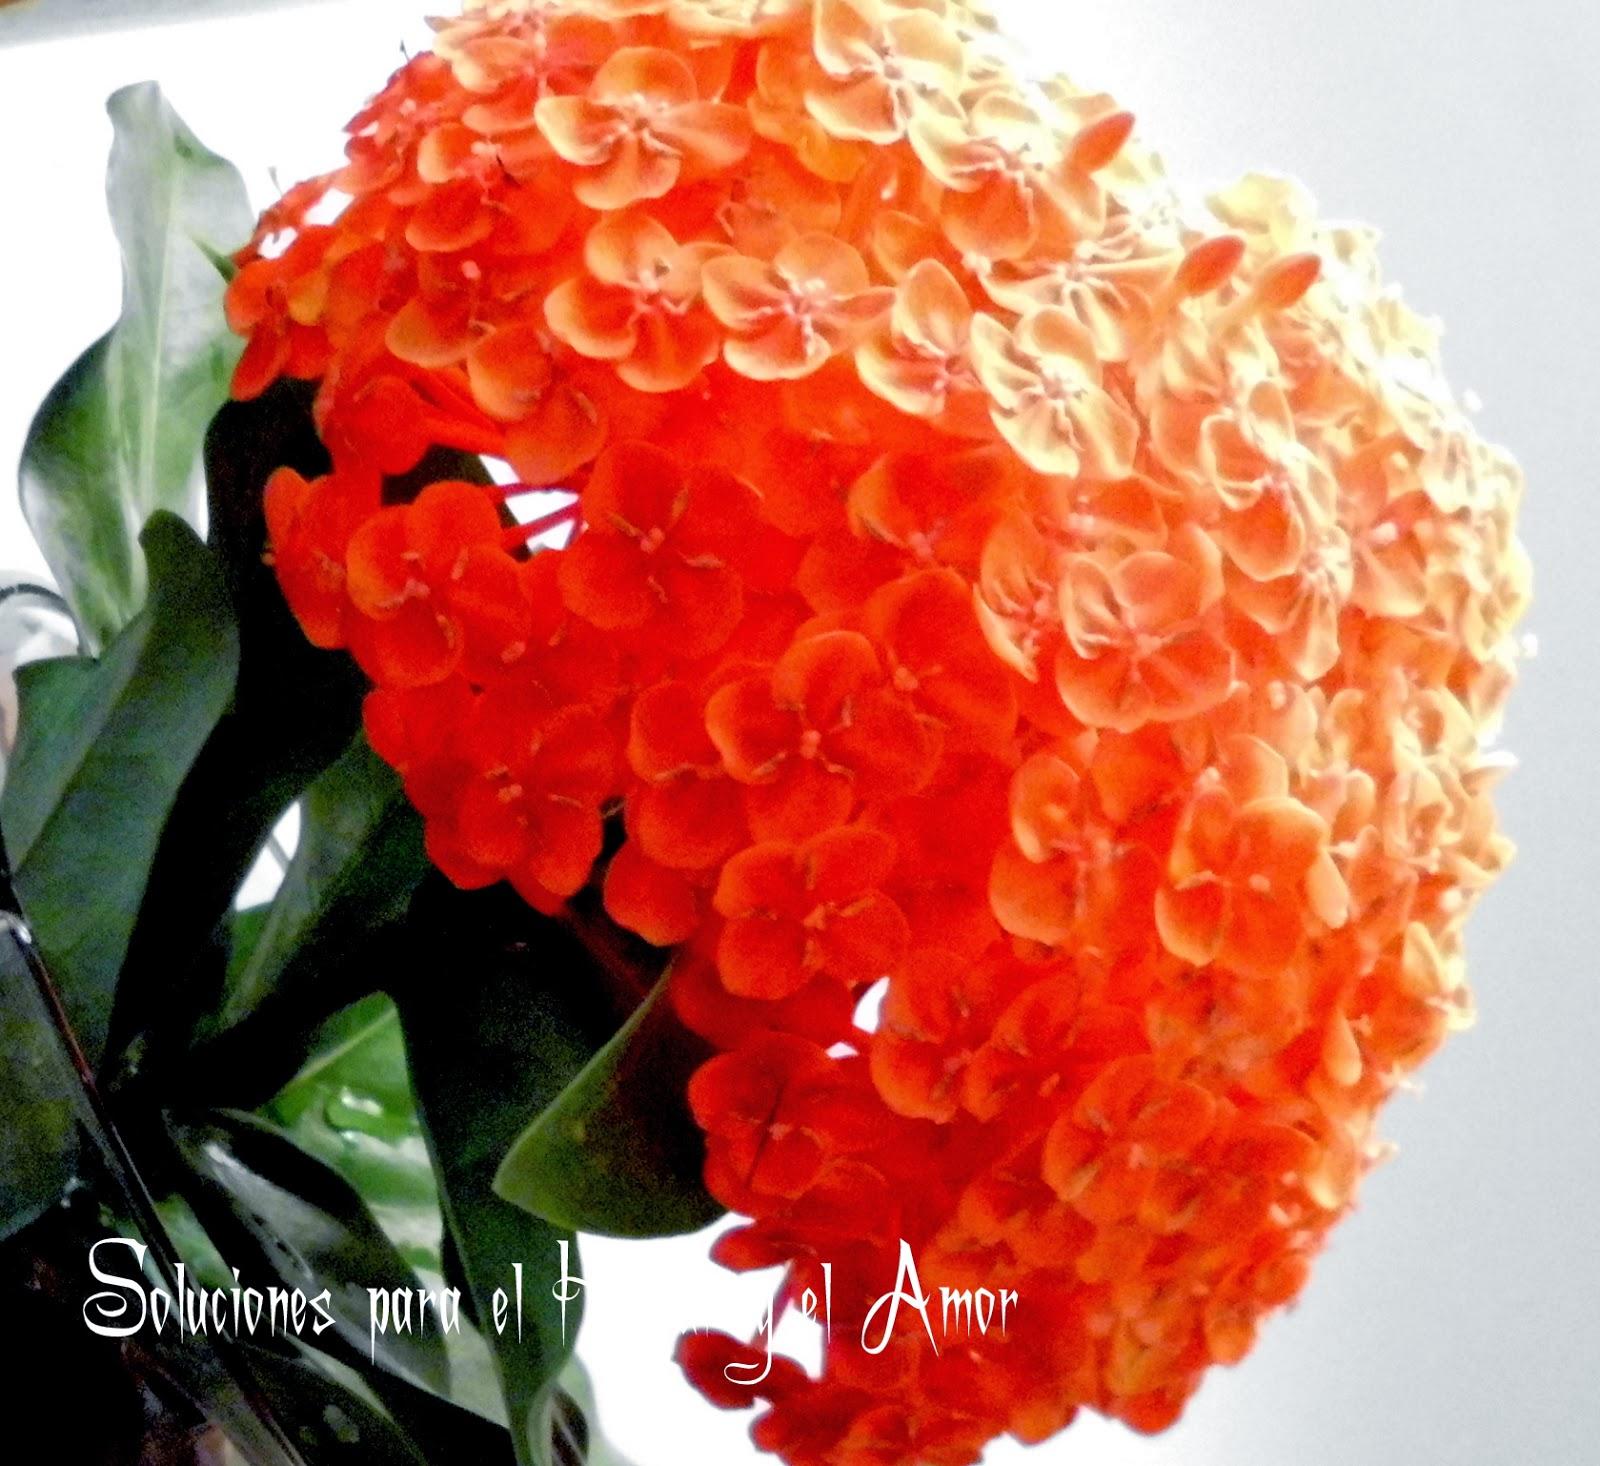 Flor Ixora Poema La Flor más Hermosa de mi Jardín, bella flor roja